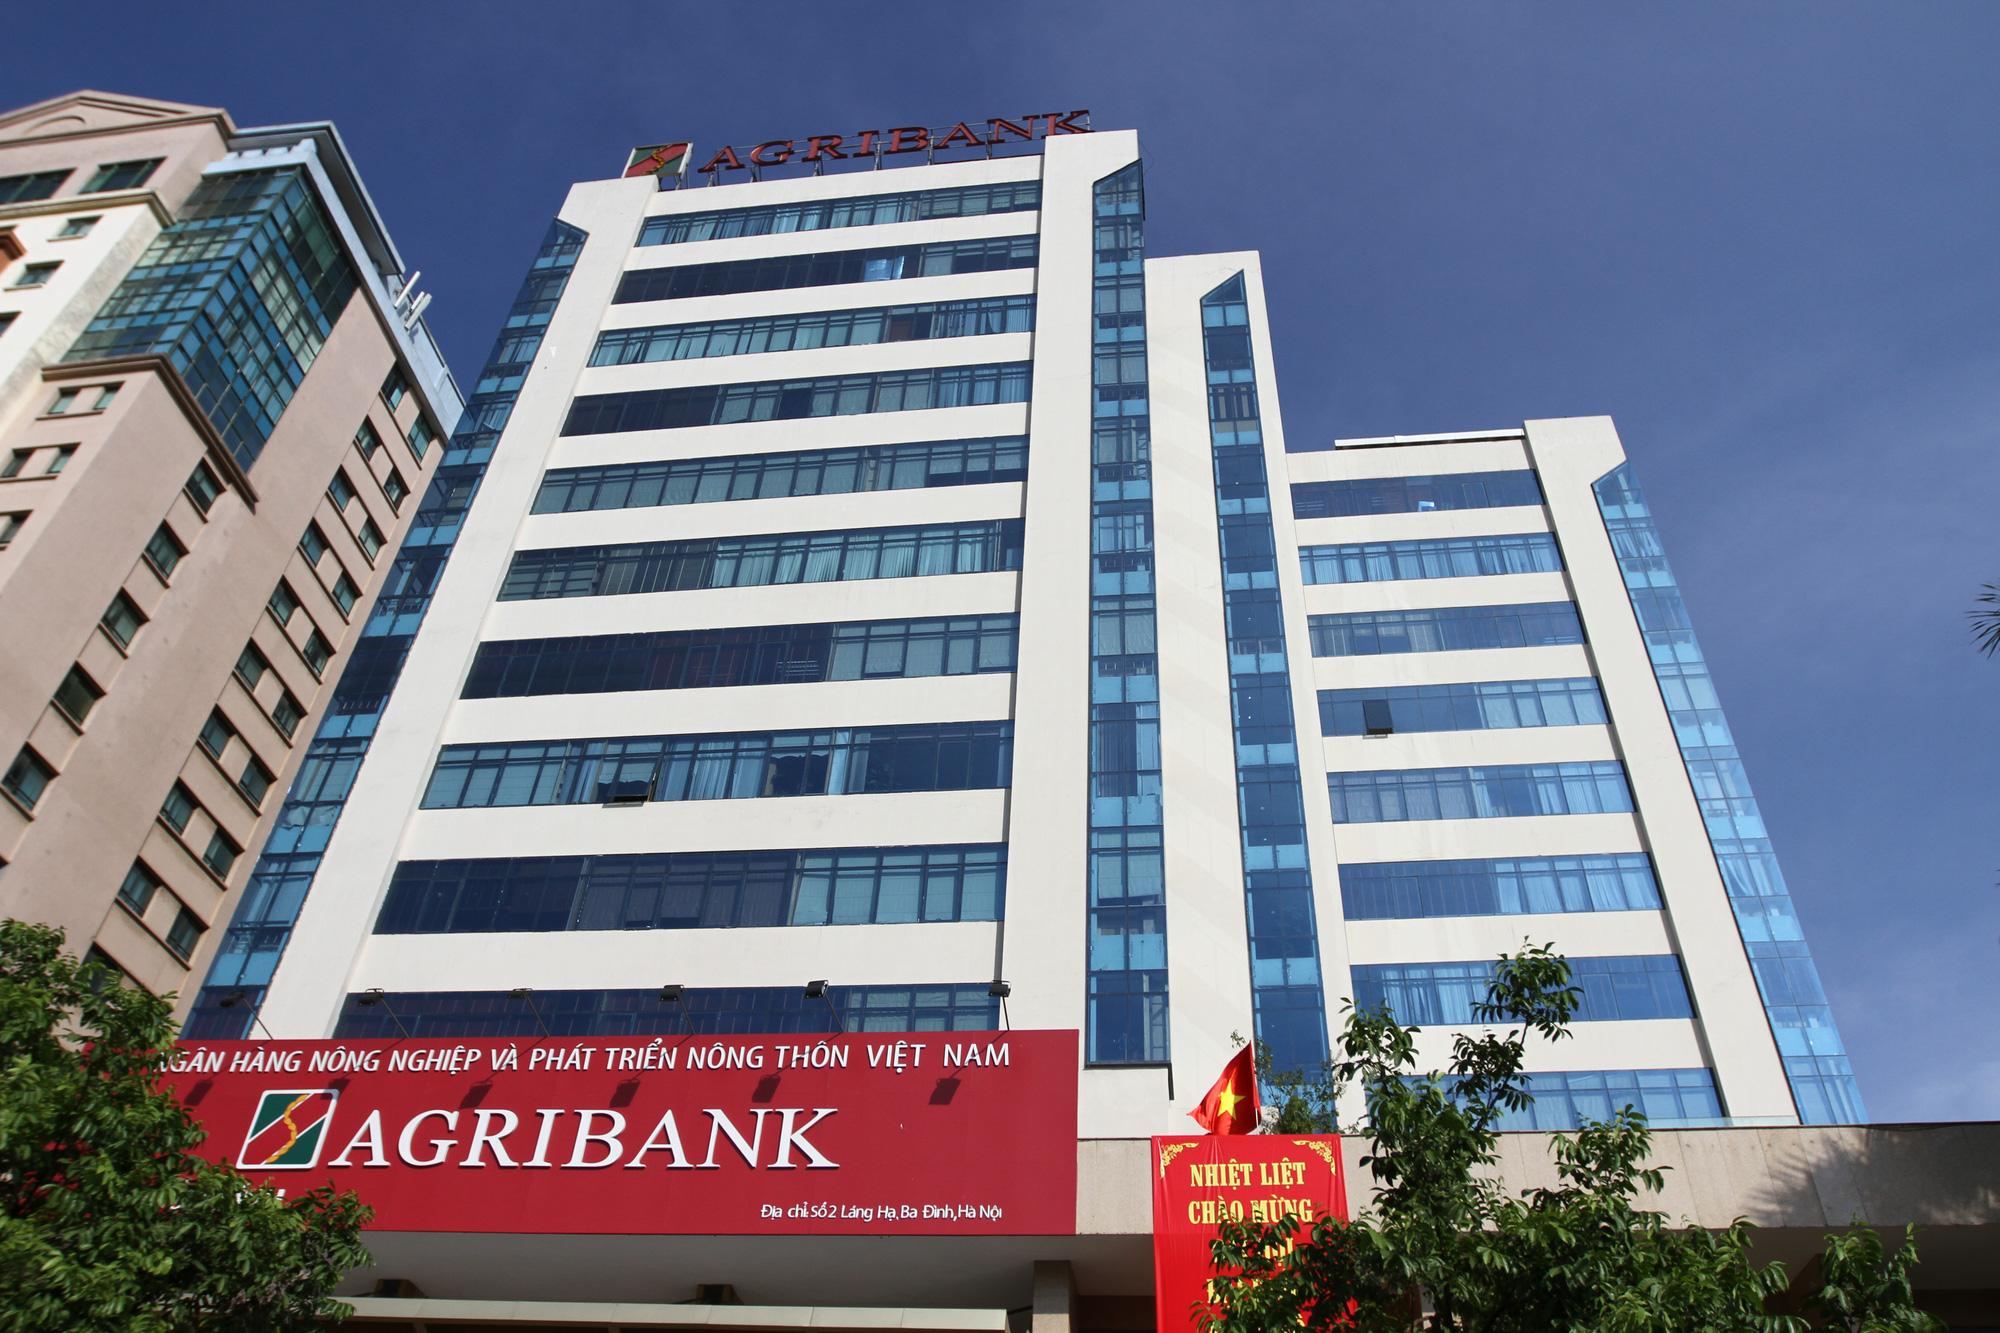 6 tháng đầu năm: Agribank hoạt động an toàn, hiệu quả, tích cực hỗ trợ khách hàng và nền kinh tế - Ảnh 5.